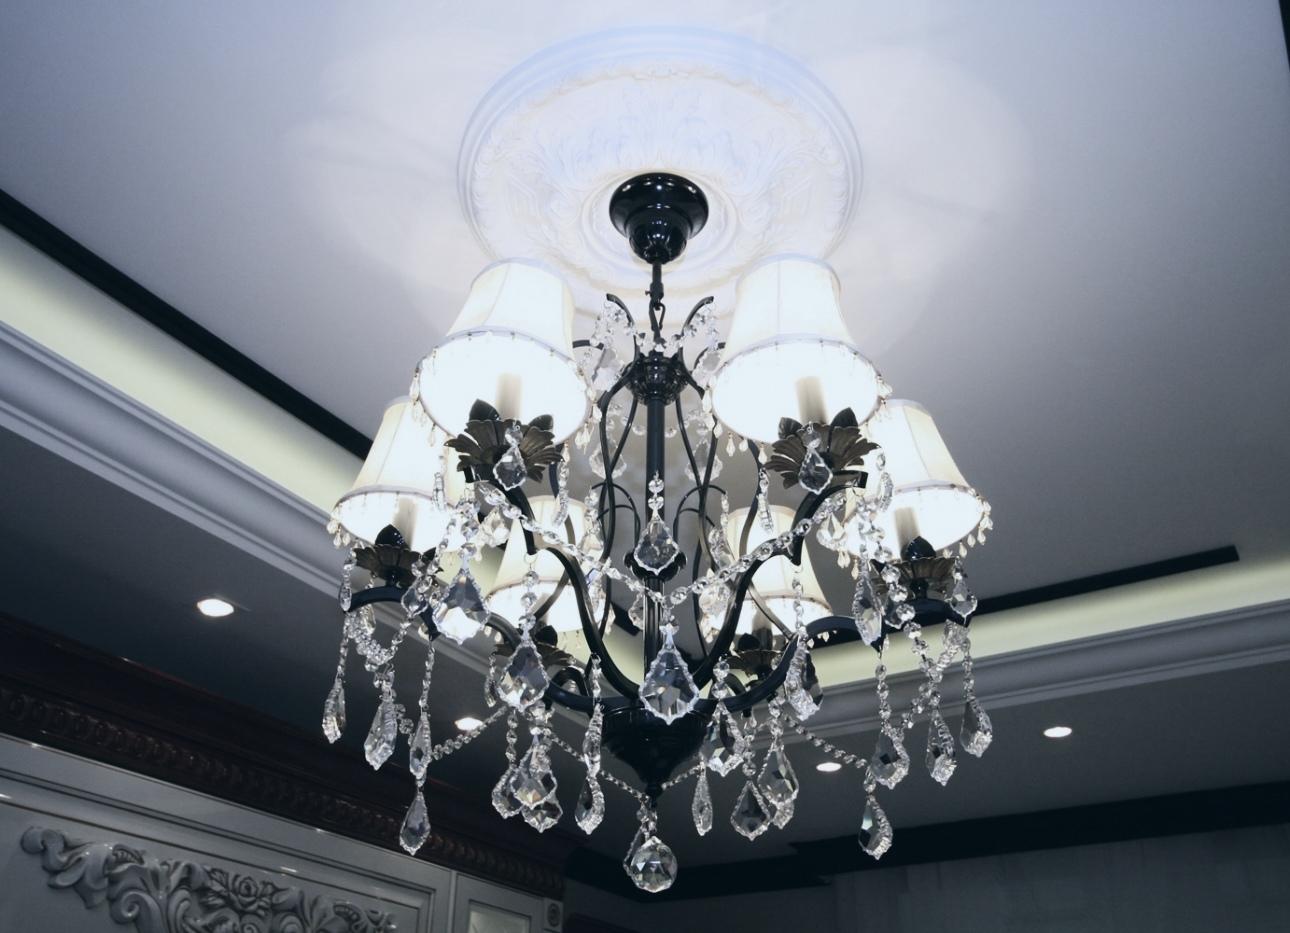 Освещение в доме: как правильно организовать?